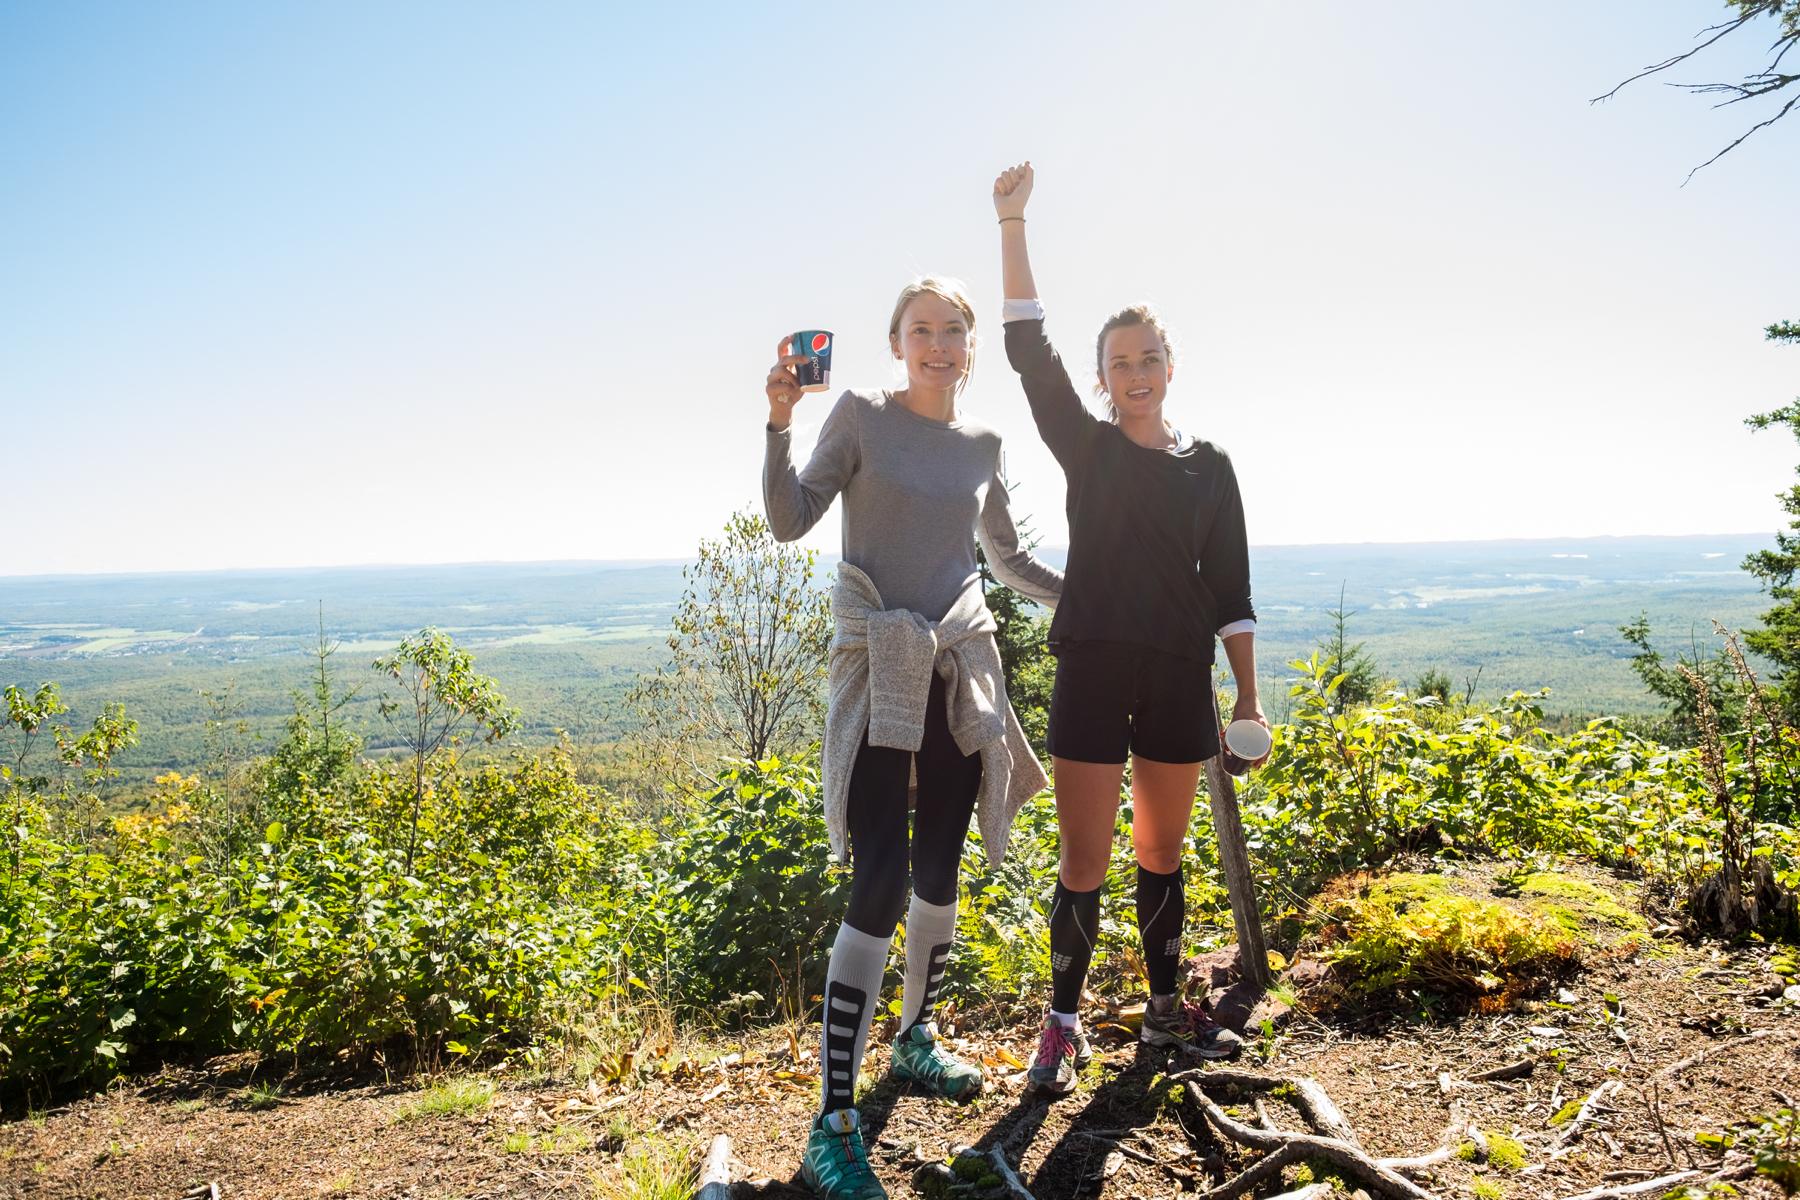 parc-montagne-du-diable-festival-santé-de-la-montagne-2015-06